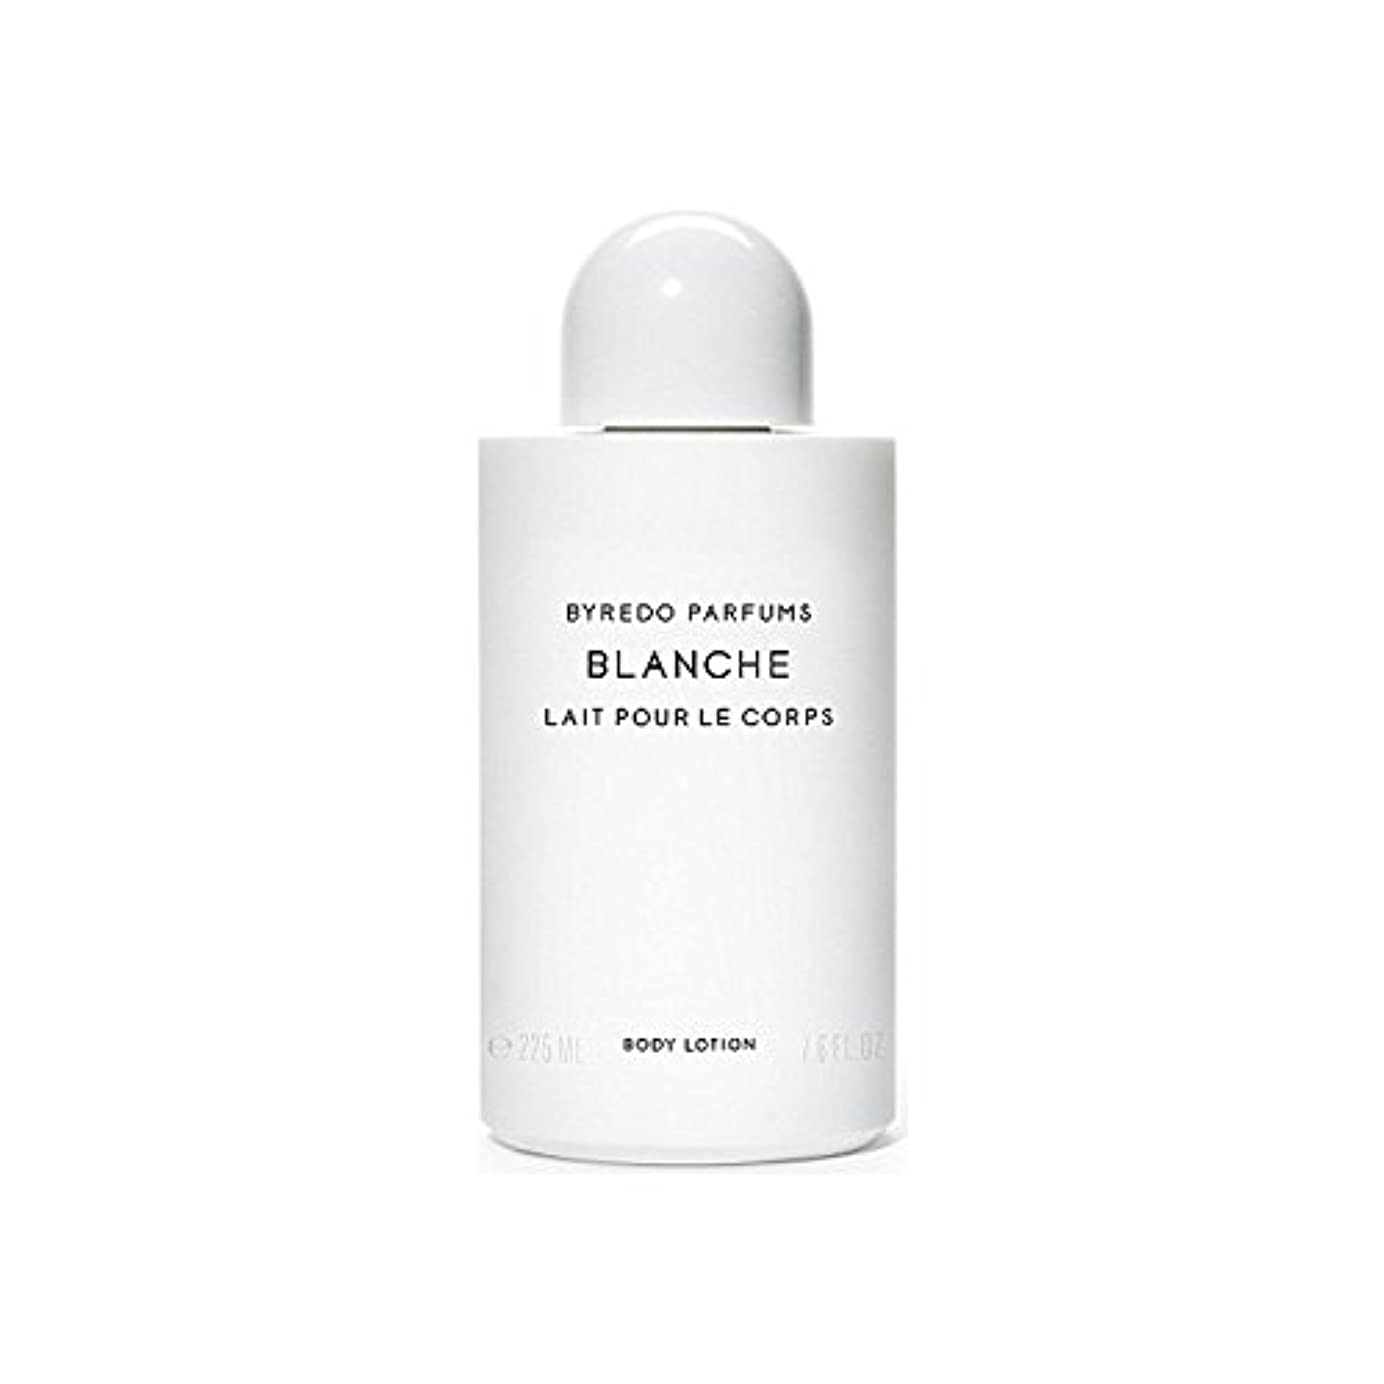 食物贅沢なできるブランシュボディローション225ミリリットル x2 - Byredo Blanche Body Lotion 225ml (Pack of 2) [並行輸入品]